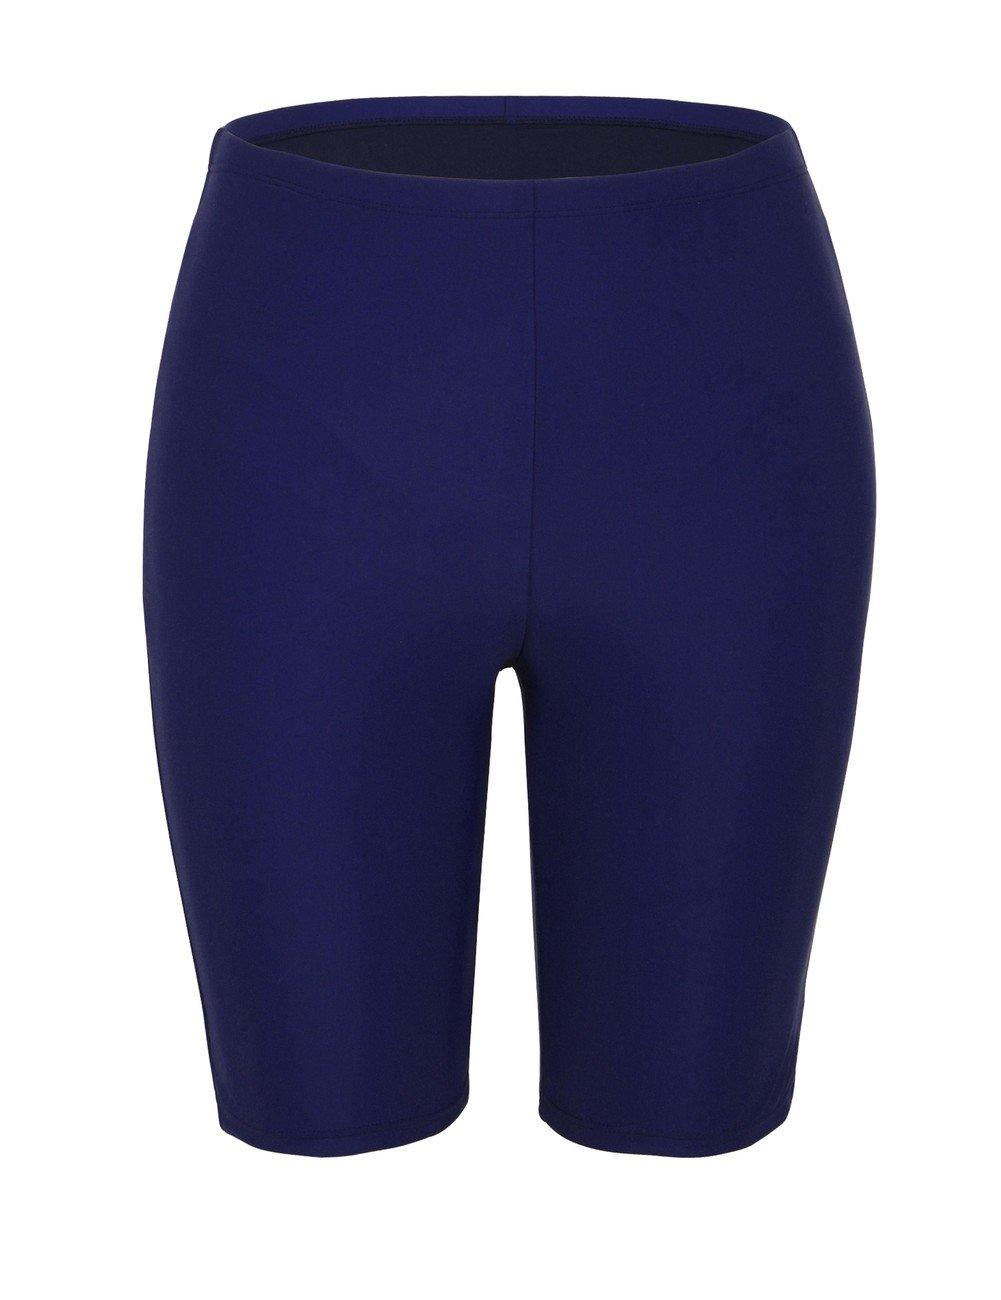 Firpearl Women's UPF50+ Sport Board Shorts Swimsuit Bottom Skinny Capris Swim Shorts FP7509